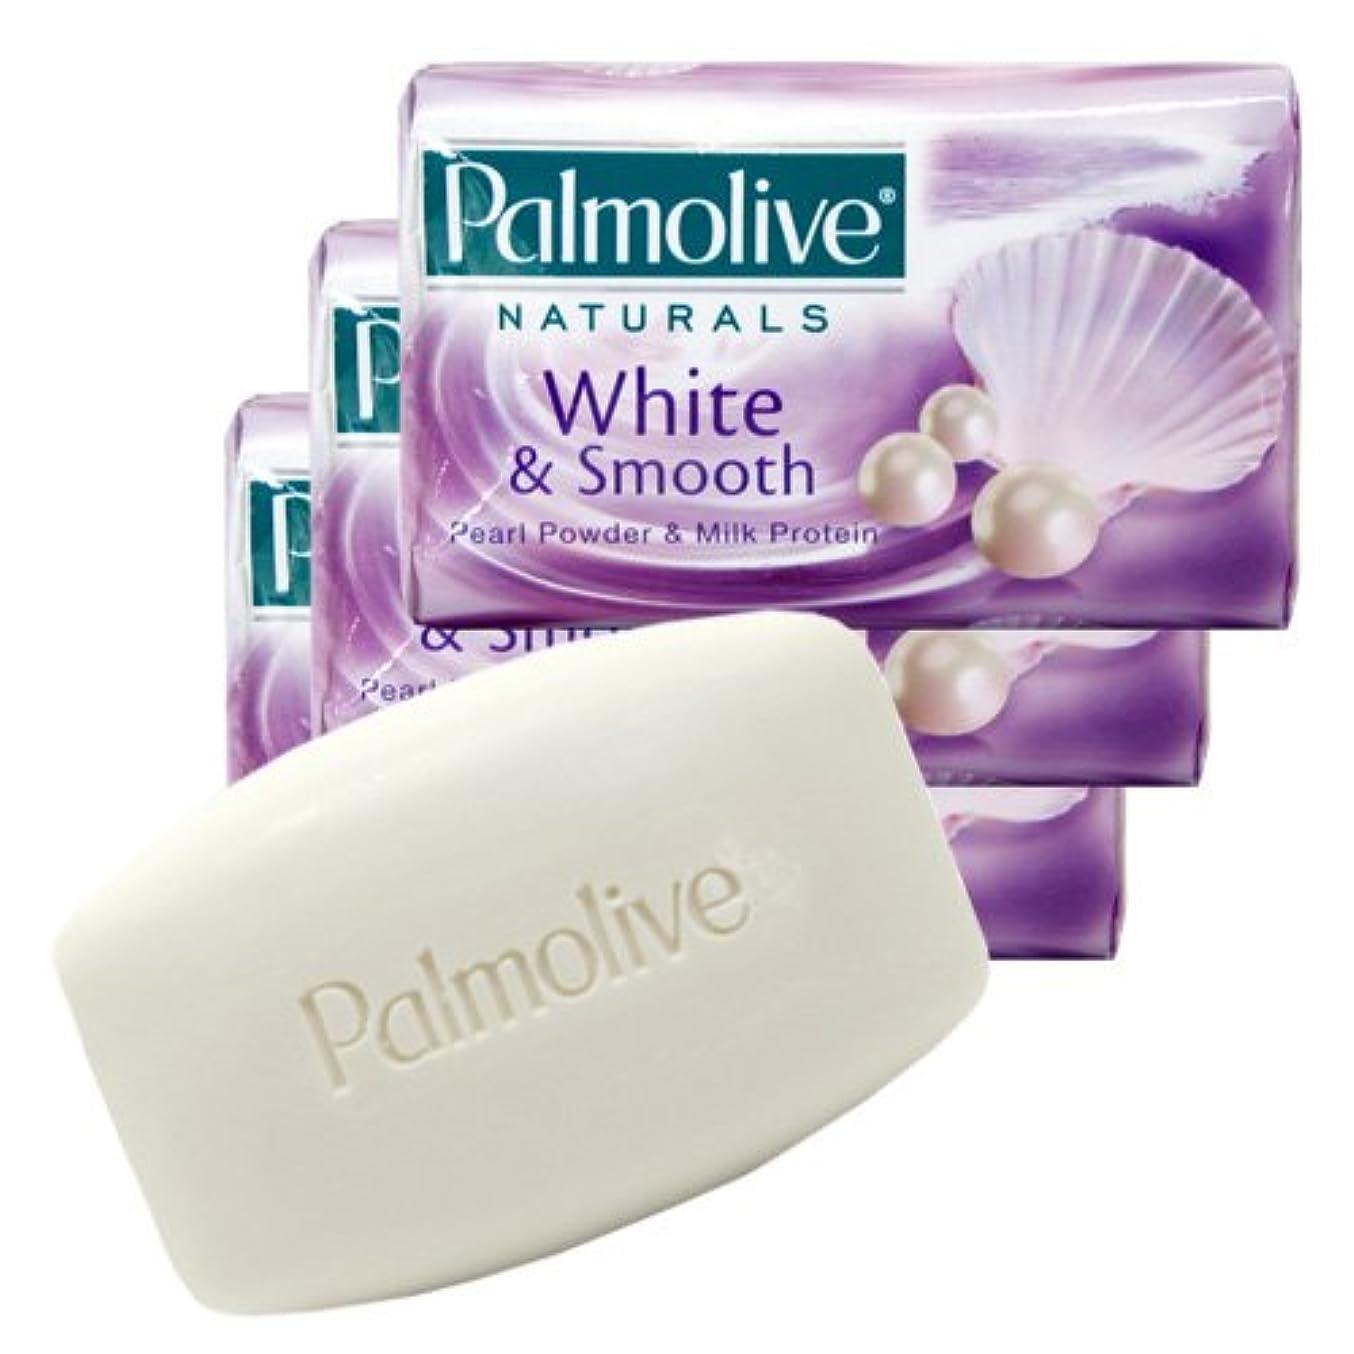 嫌い耐えられる空【Palmolive】パルモリーブ ナチュラルズ石鹸3個パック ホワイト&スムース(パールパウダー&ミルクプロテイン)80g×3